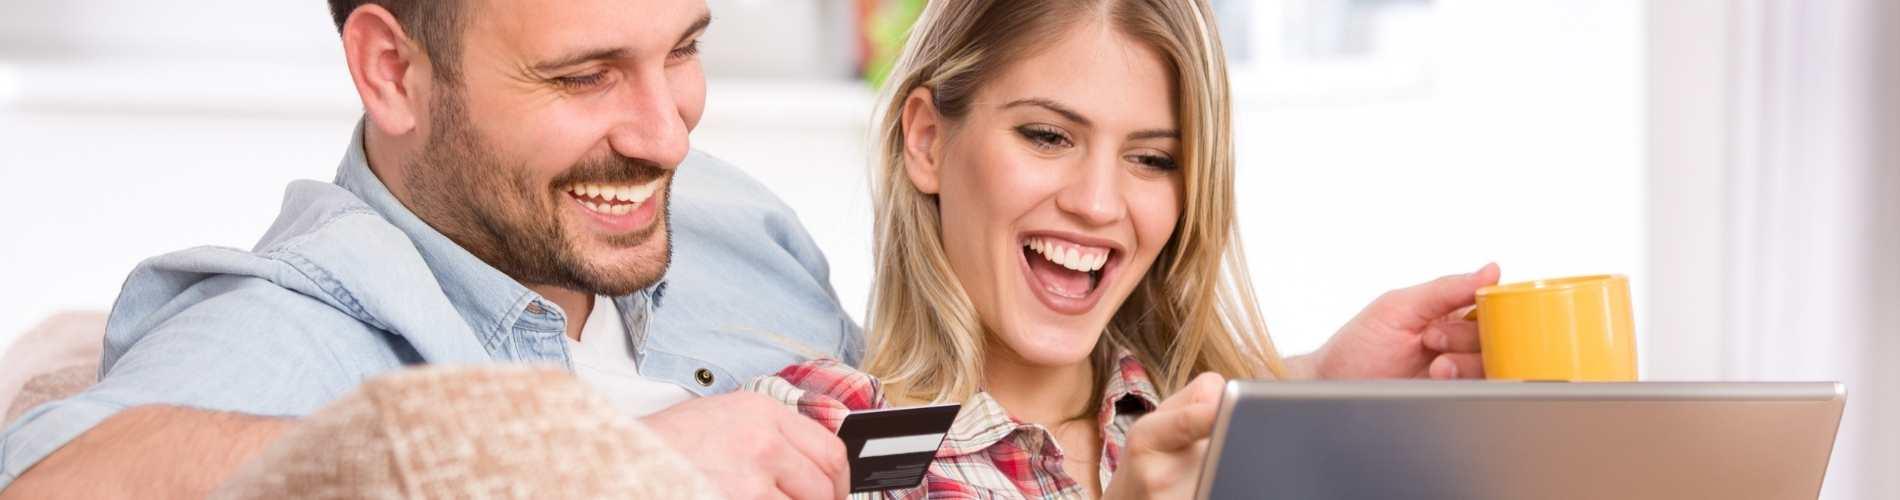 Online shopping blog banner 6